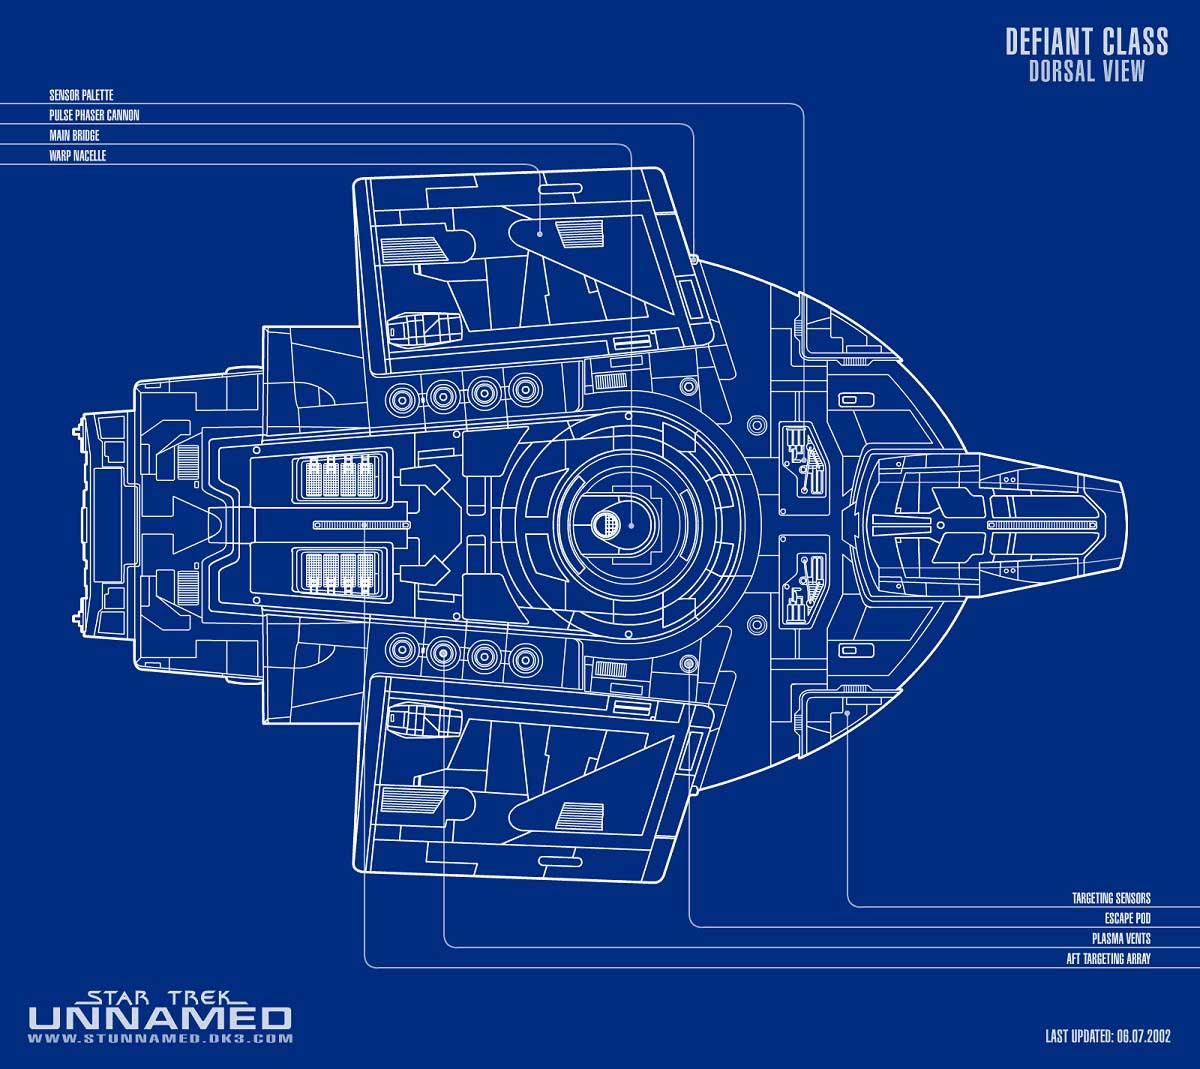 Q3: defiant cl schematics on runabout schematics, uss reliant schematics, deep space nine schematics, uss titan schematics, uss diligent, millennium falcon schematics, uss equinox, uss voyager, star trek ship schematics, uss excalibur, uss reliant deck plans, uss yamaguchi, uss lst schematic, uss vengeance star trek, uss valiant schematics, uss prometheus, uss enterprise, space station schematics, uss excelsior, delta flyer schematics,